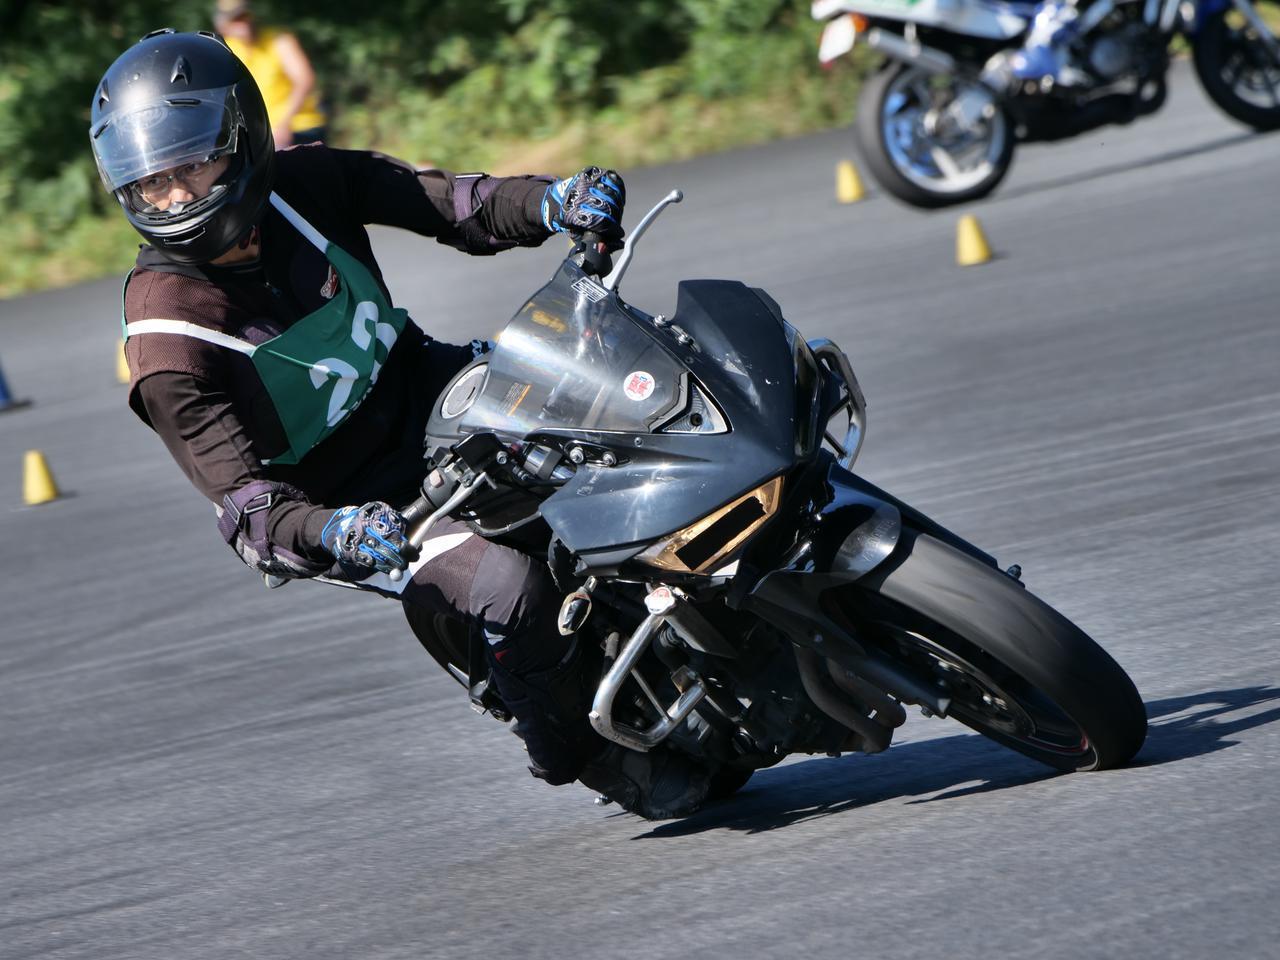 【オートバイ杯ジムカーナ】各クラスのウイナー&入賞者たち(NL・NO・C2・C1級編)【第3戦・フォトレポート】